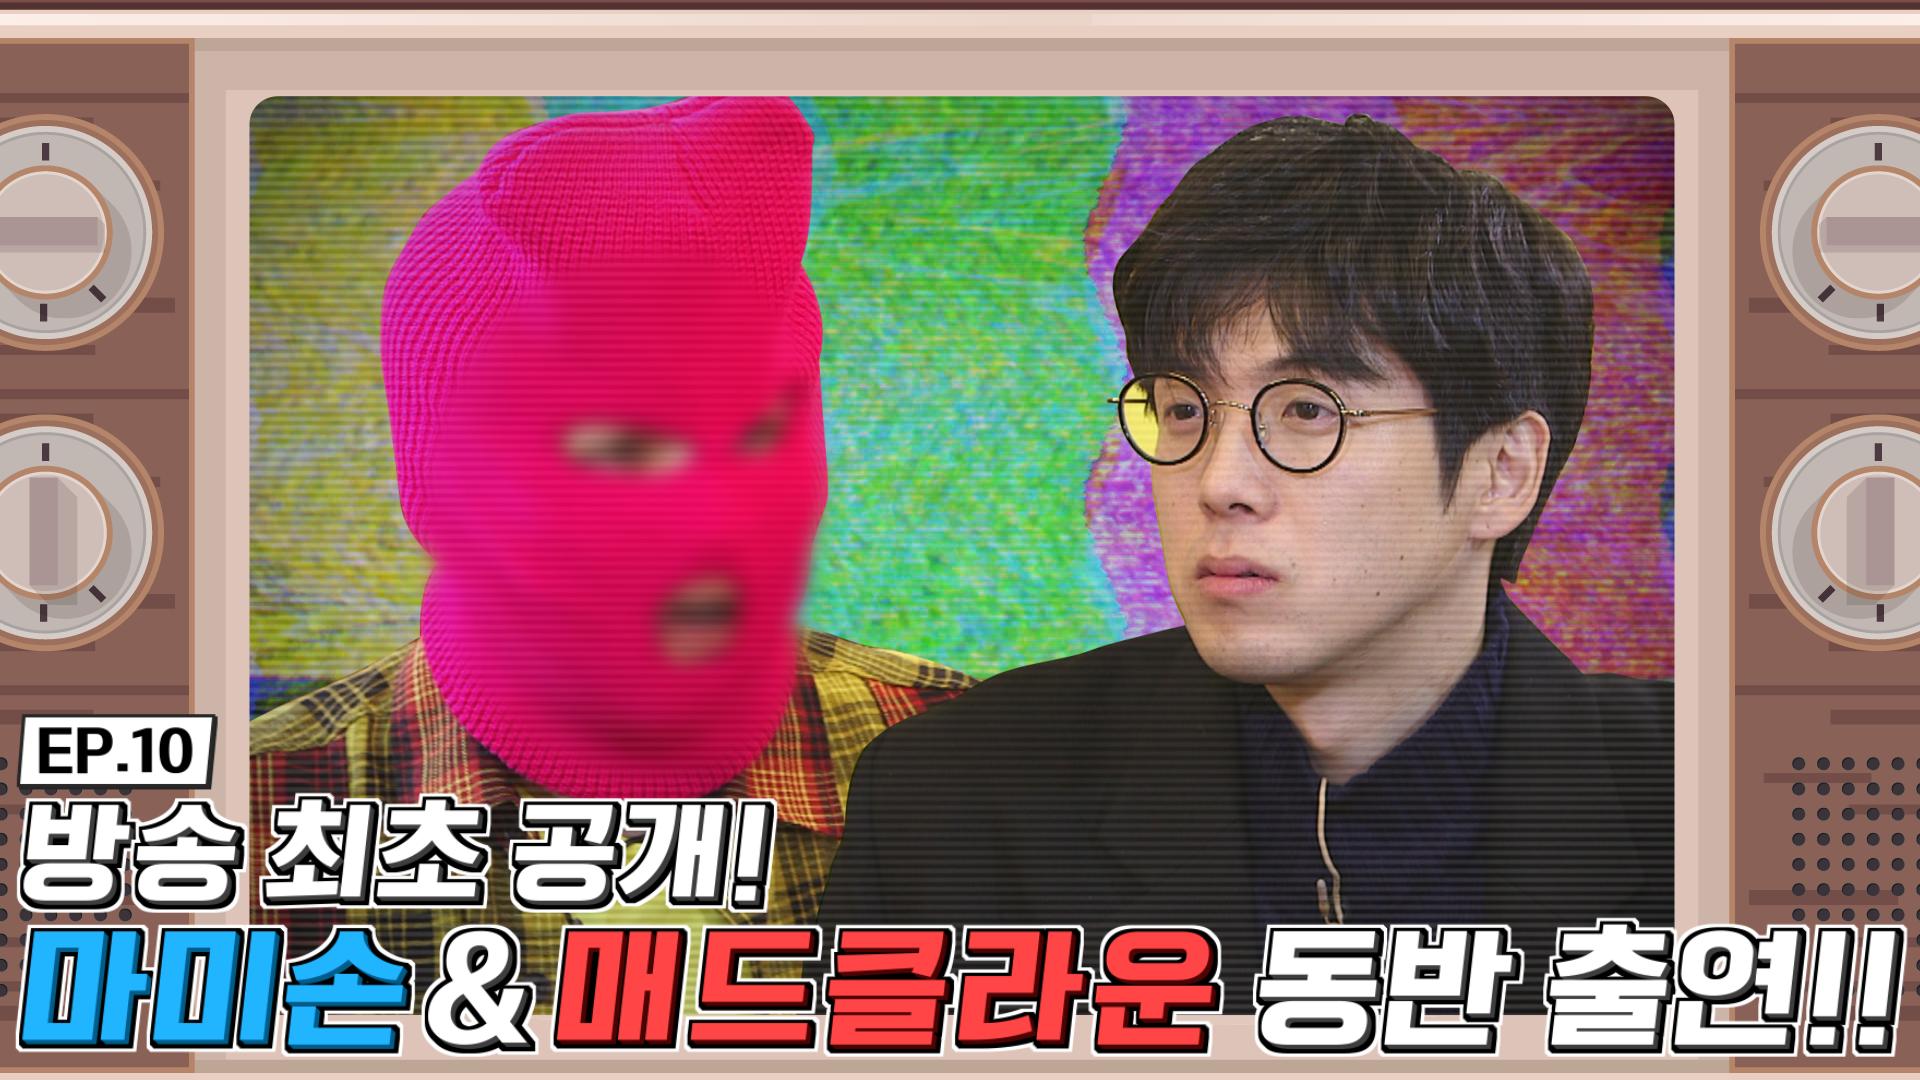 [핵인싸동맹] EP.10 방송최초공개!! 마미손&매드클라운 동반 출연!!!